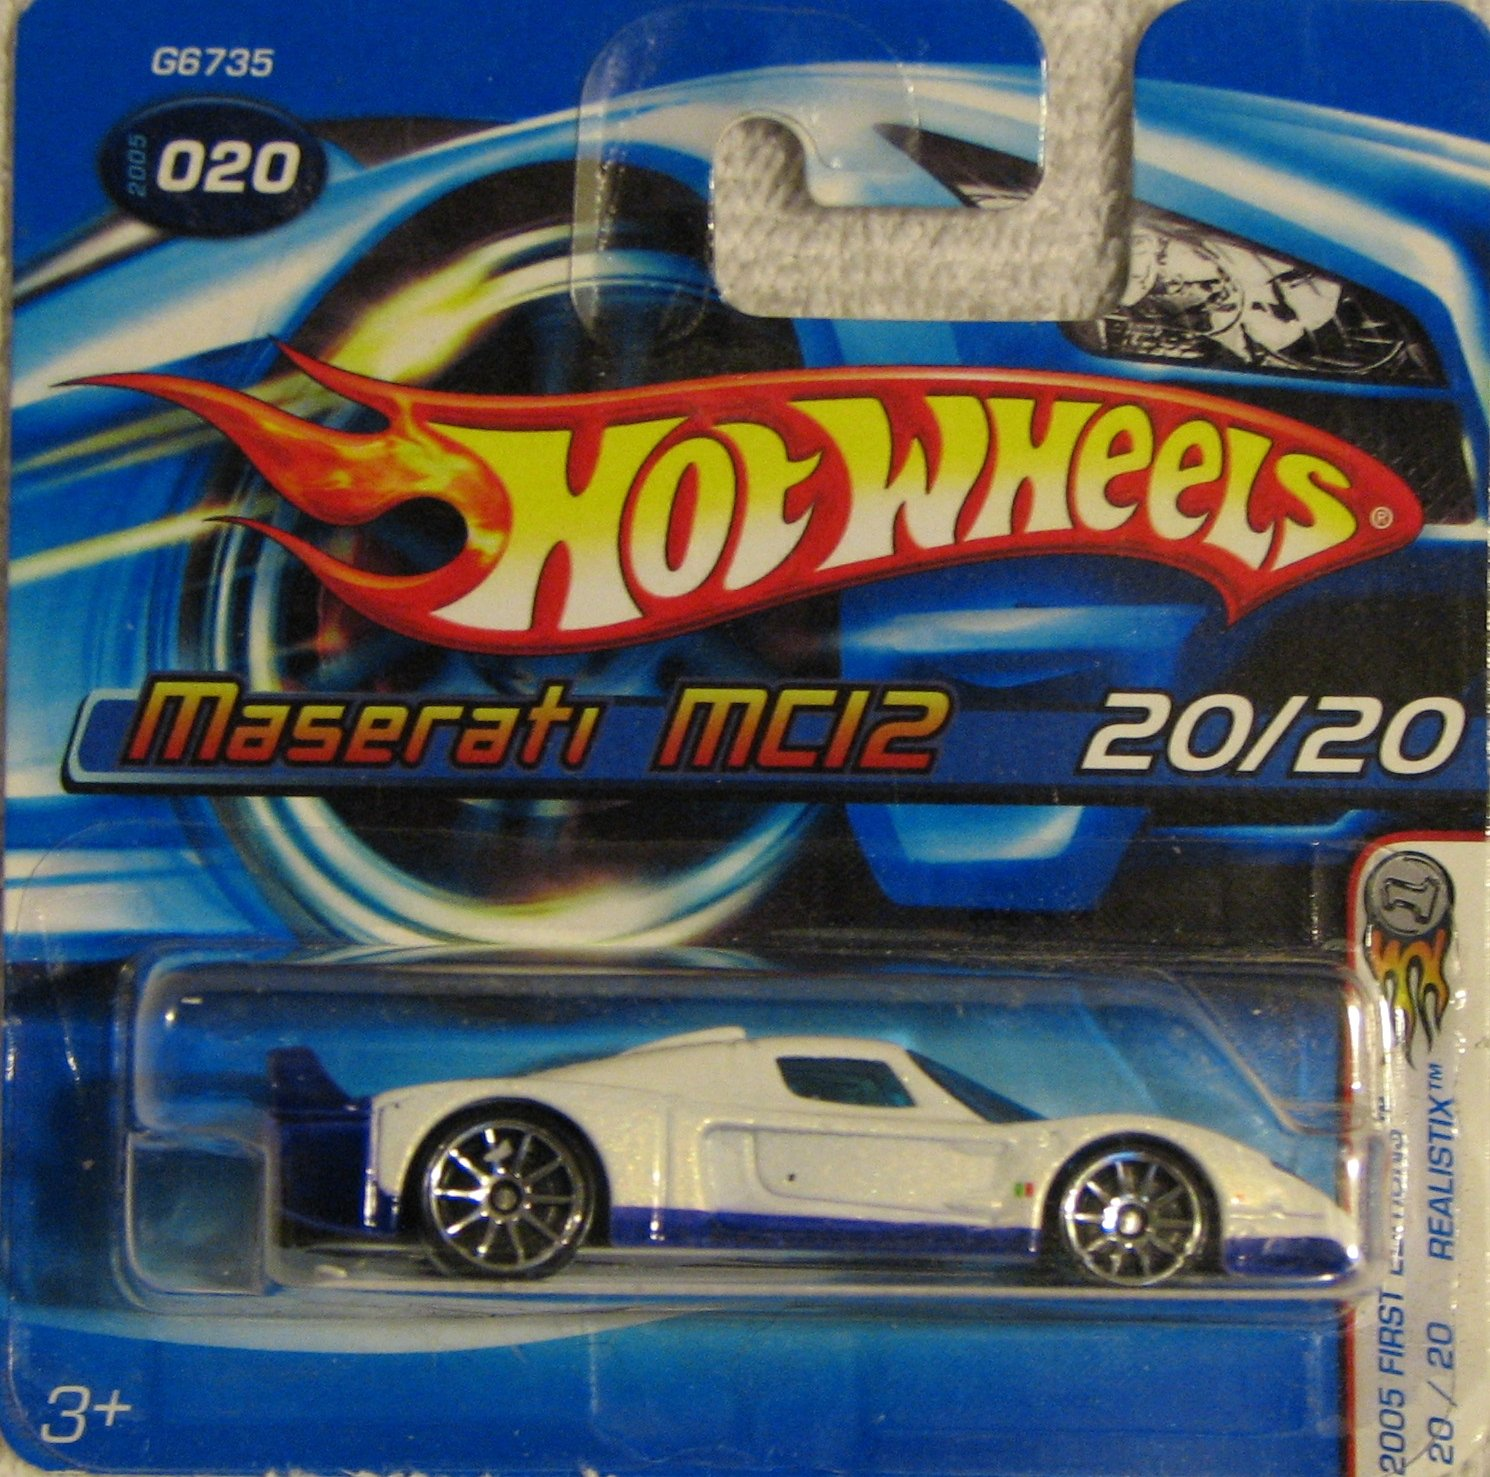 817NVm9y1ZL._SL1490_ Elegant Bugatti Veyron toy Car Hot Wheels Cars Trend